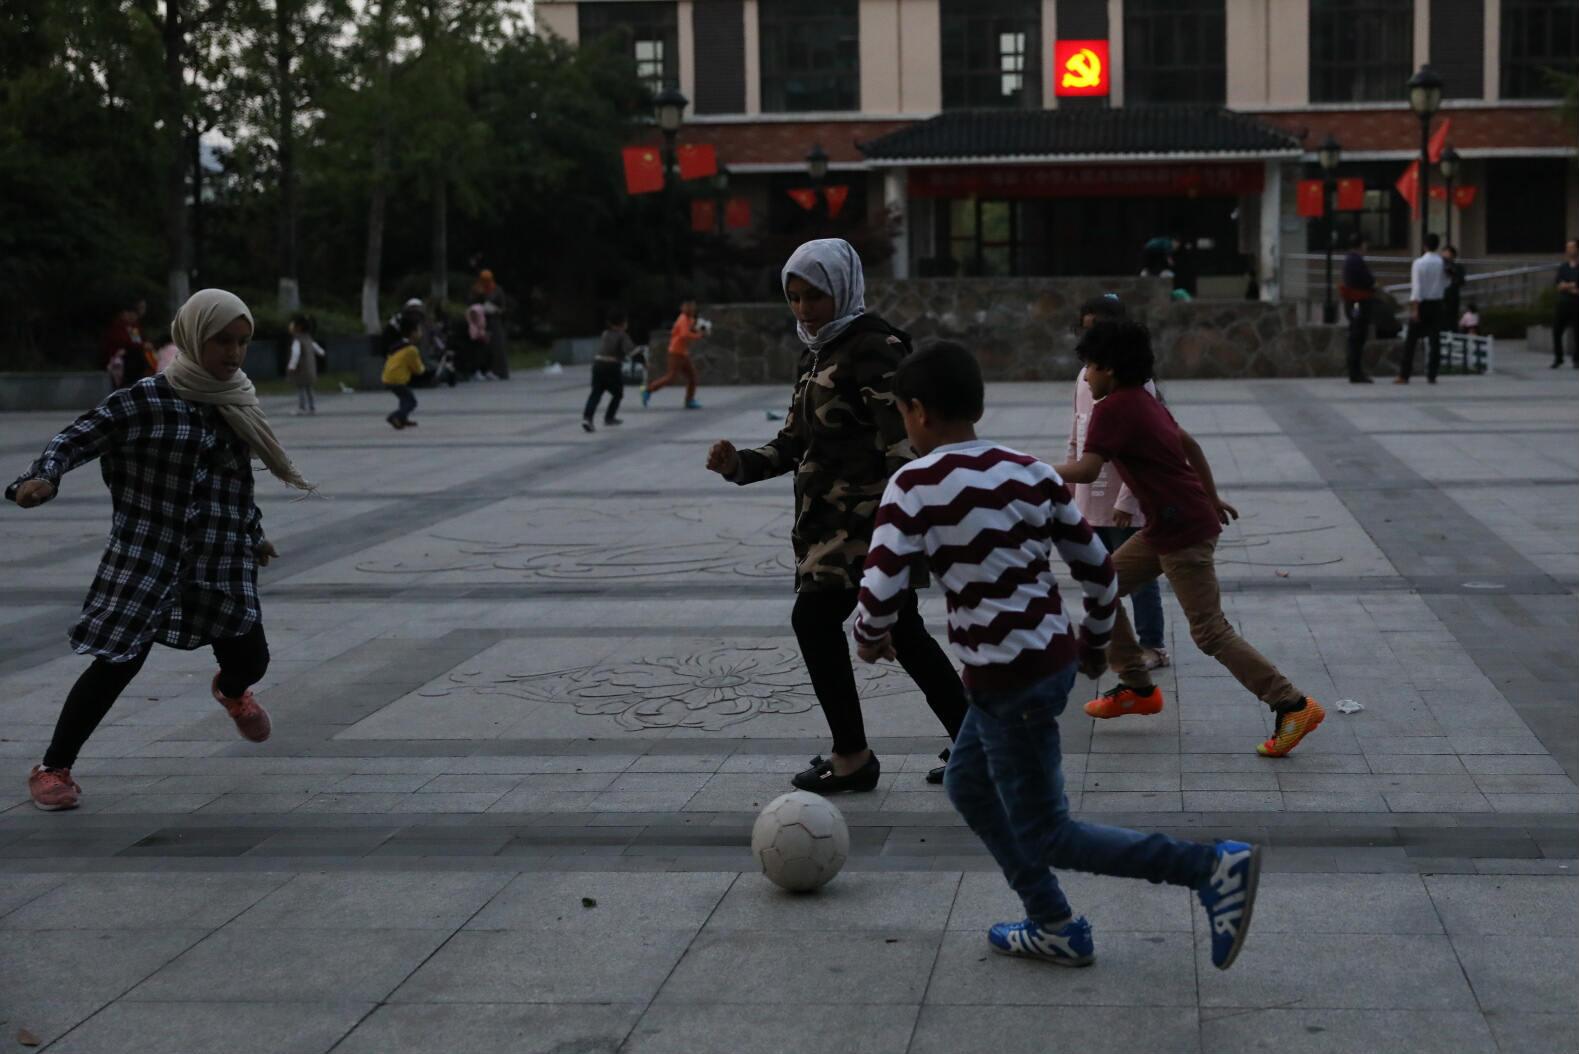 夕阳下,外籍孩子们在踢足球_meitu_14